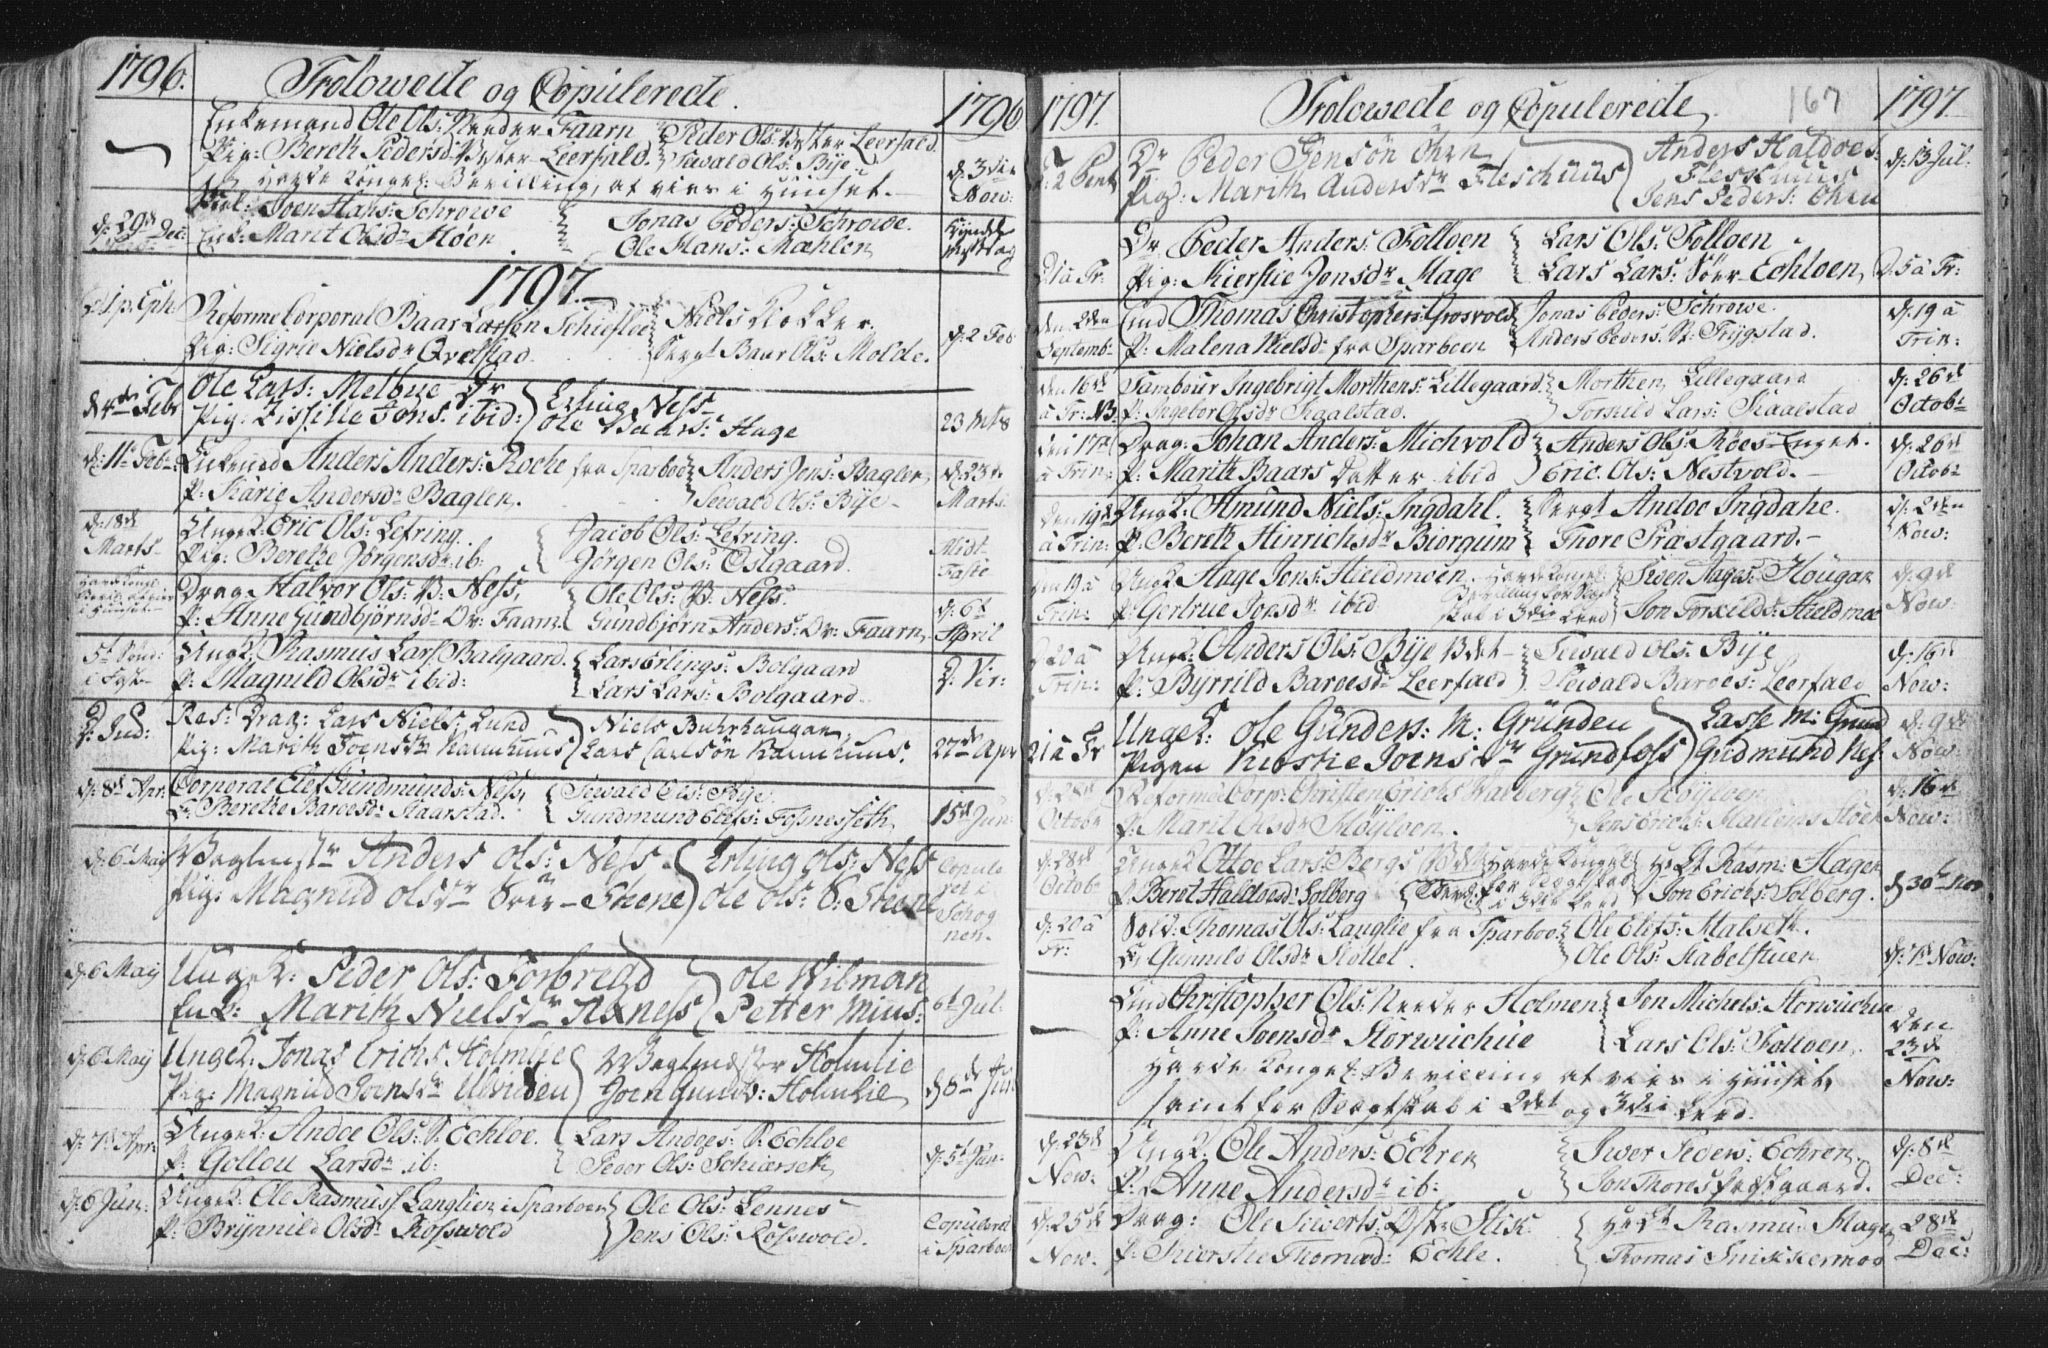 SAT, Ministerialprotokoller, klokkerbøker og fødselsregistre - Nord-Trøndelag, 723/L0232: Ministerialbok nr. 723A03, 1781-1804, s. 167